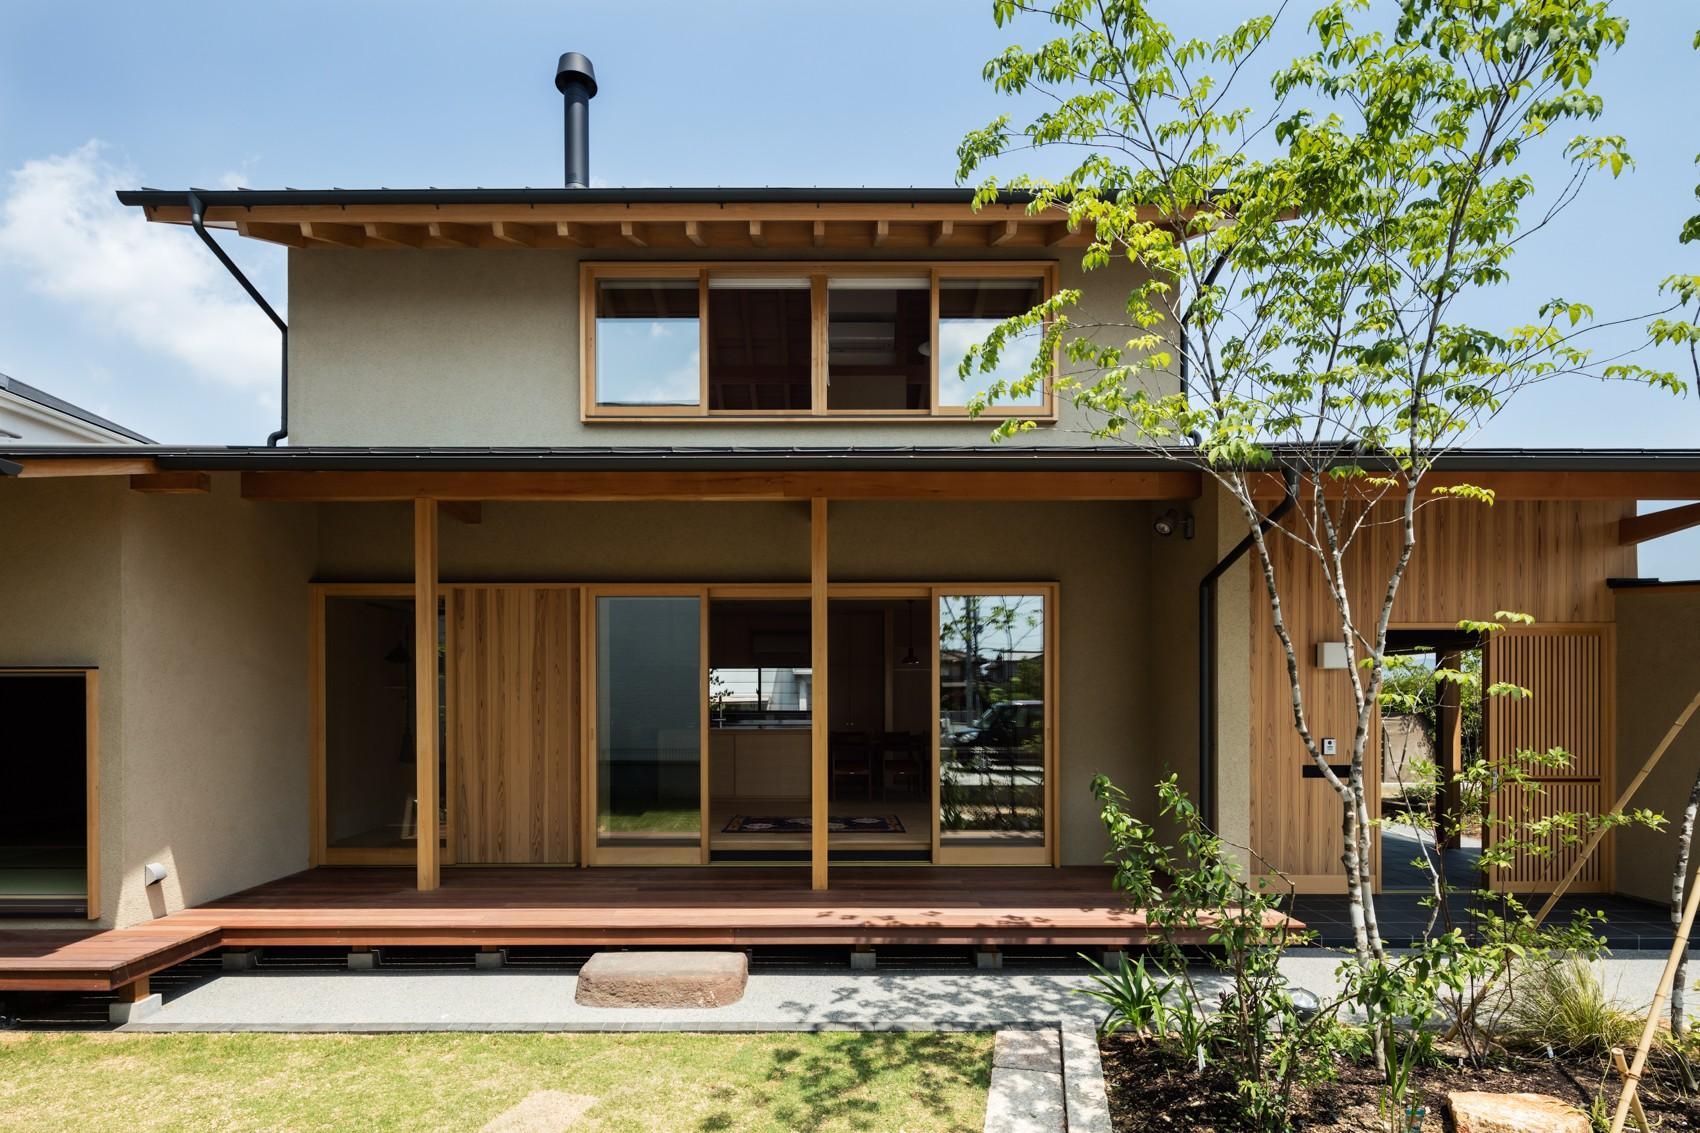 外観事例:軒下空間を介して繋がる建物の内と外(眺望とお庭を楽しむ|火のある暮らしを楽しむ住まい 天理の家)